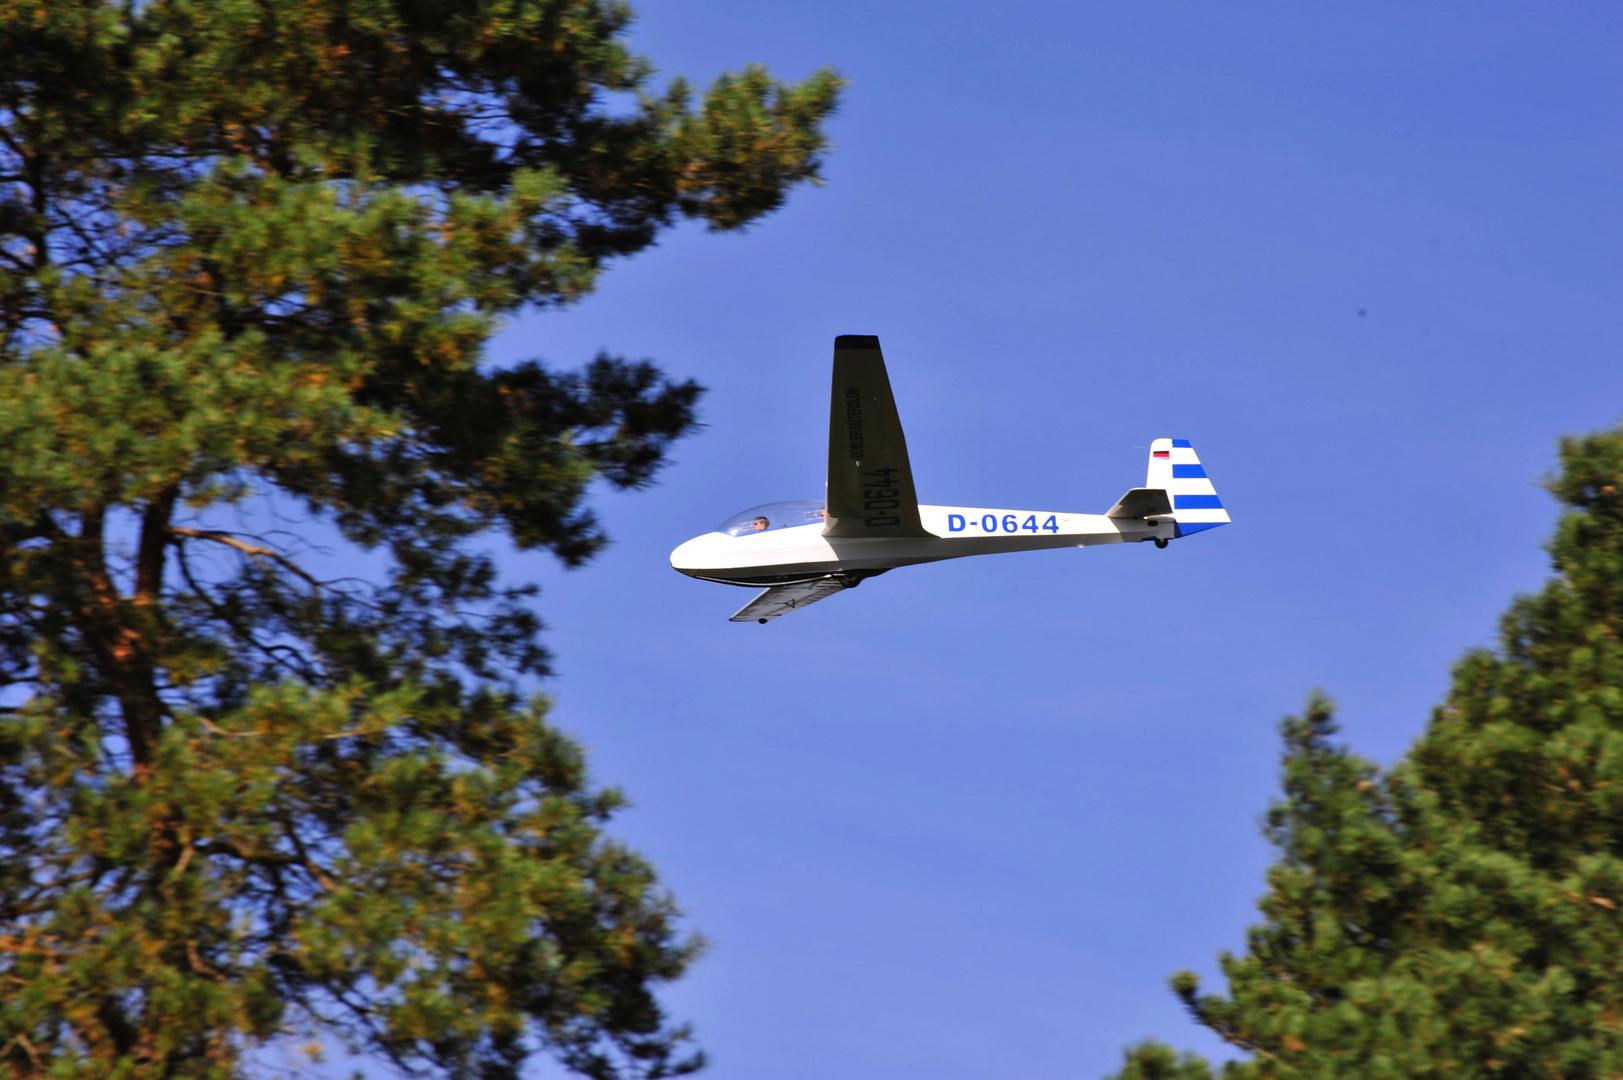 Segelflieger D-0644 im Landeanflug .